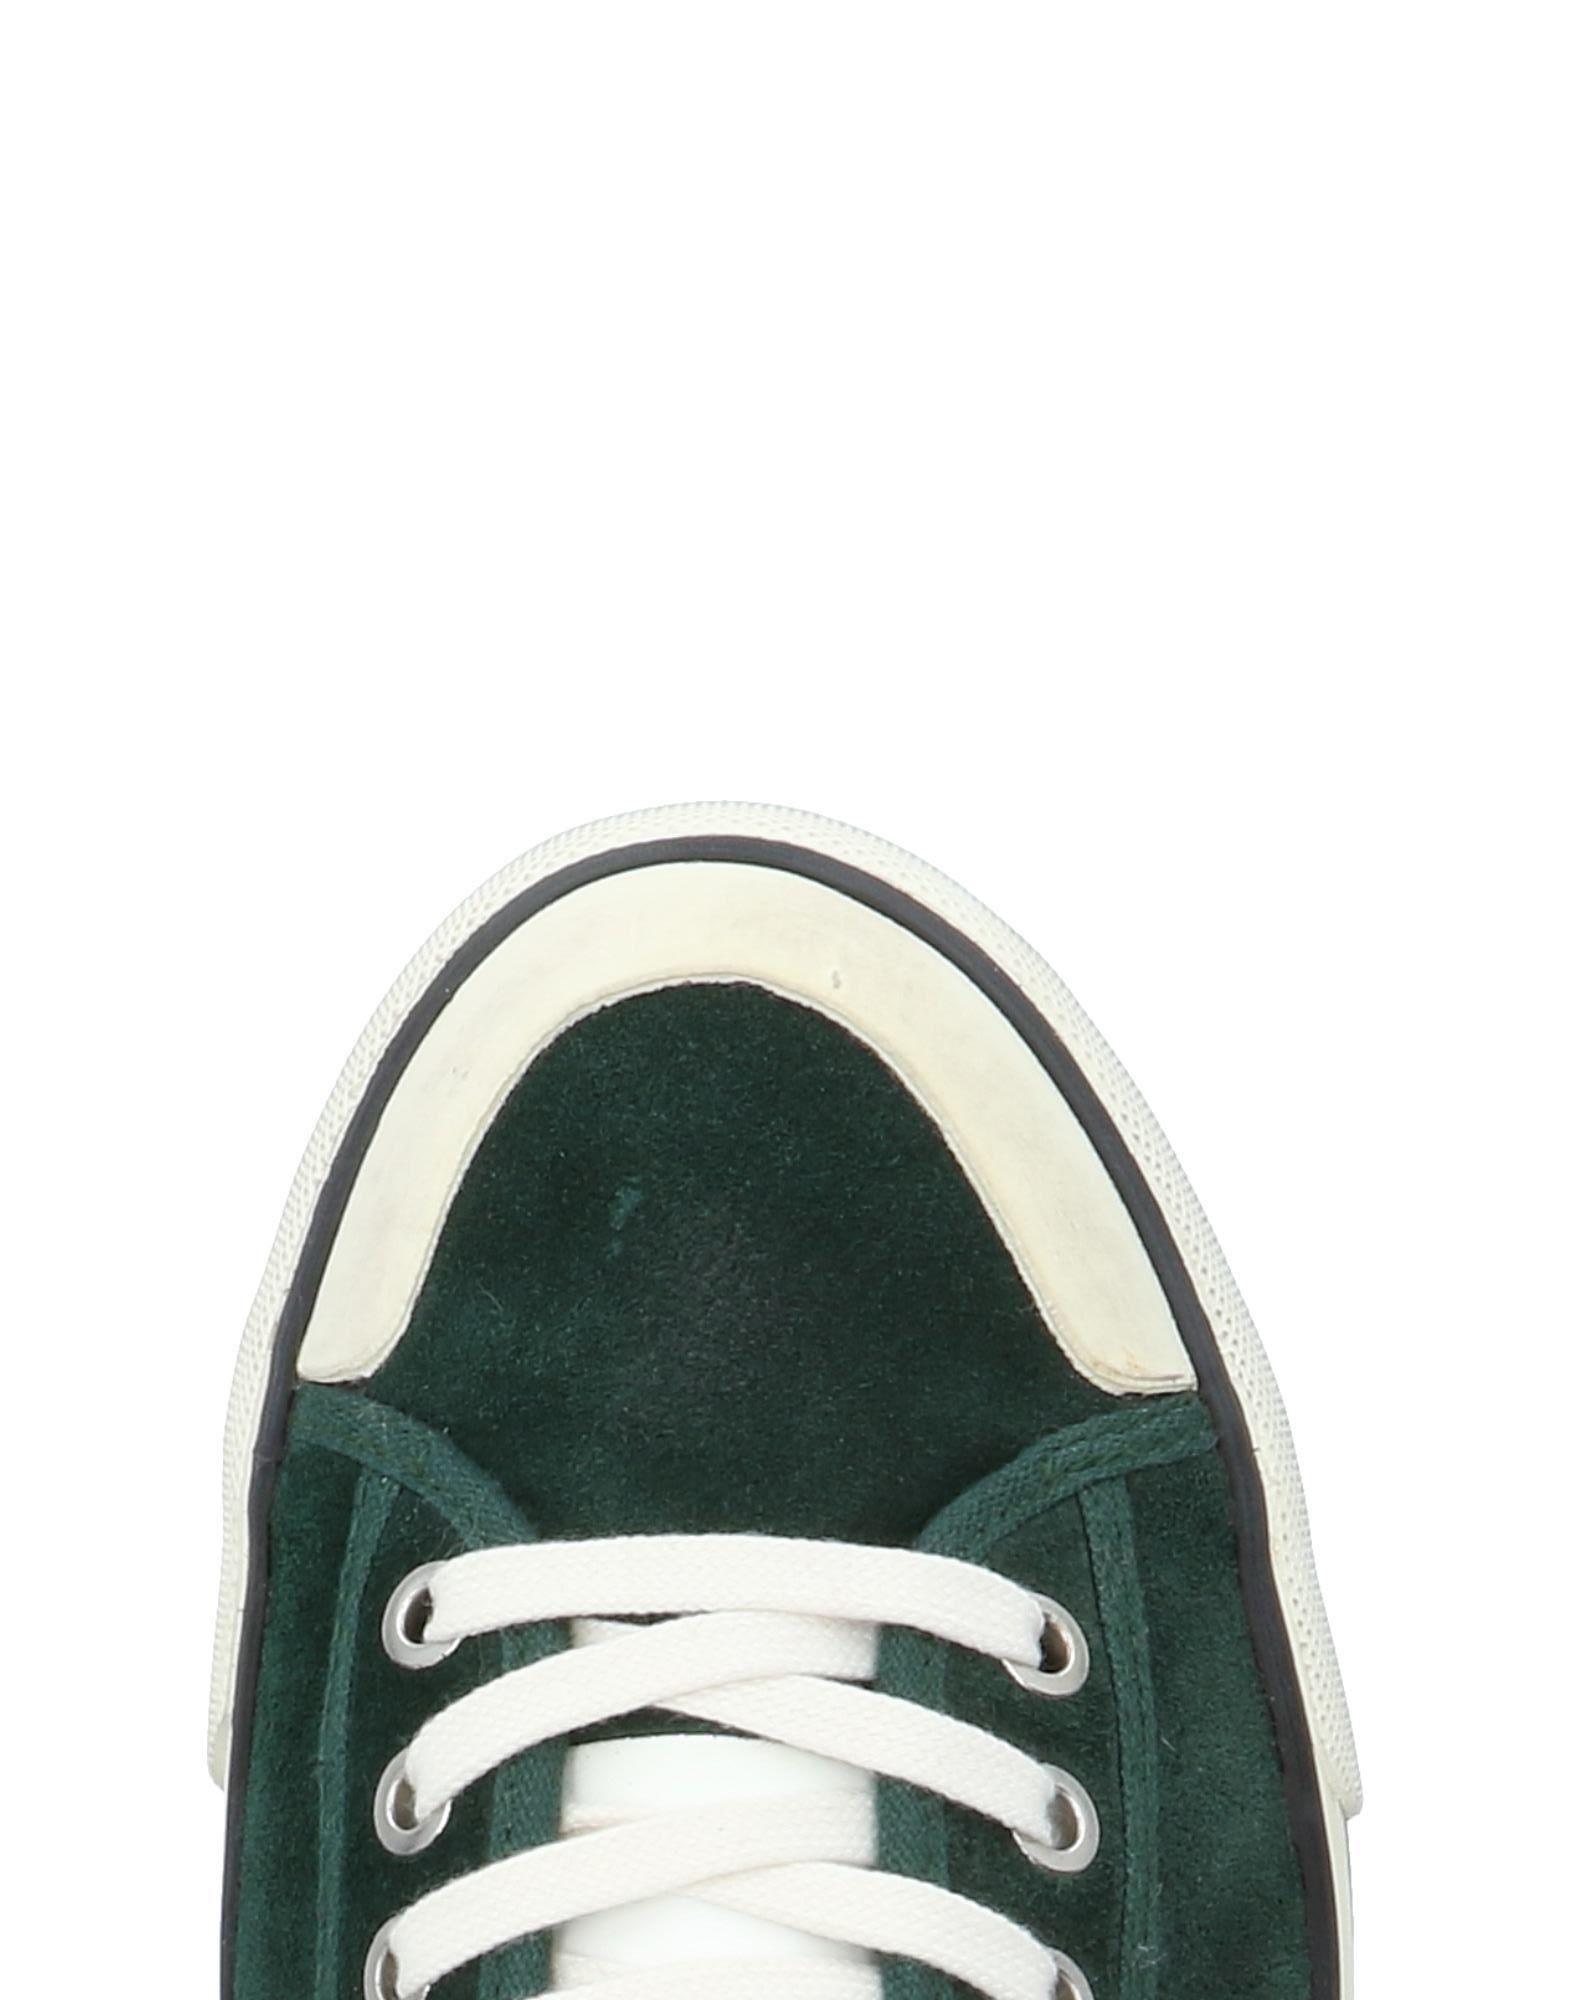 Rabatt Herren echte Schuhe D.A.T.E. Sneakers Herren Rabatt  11491161DK 997ede